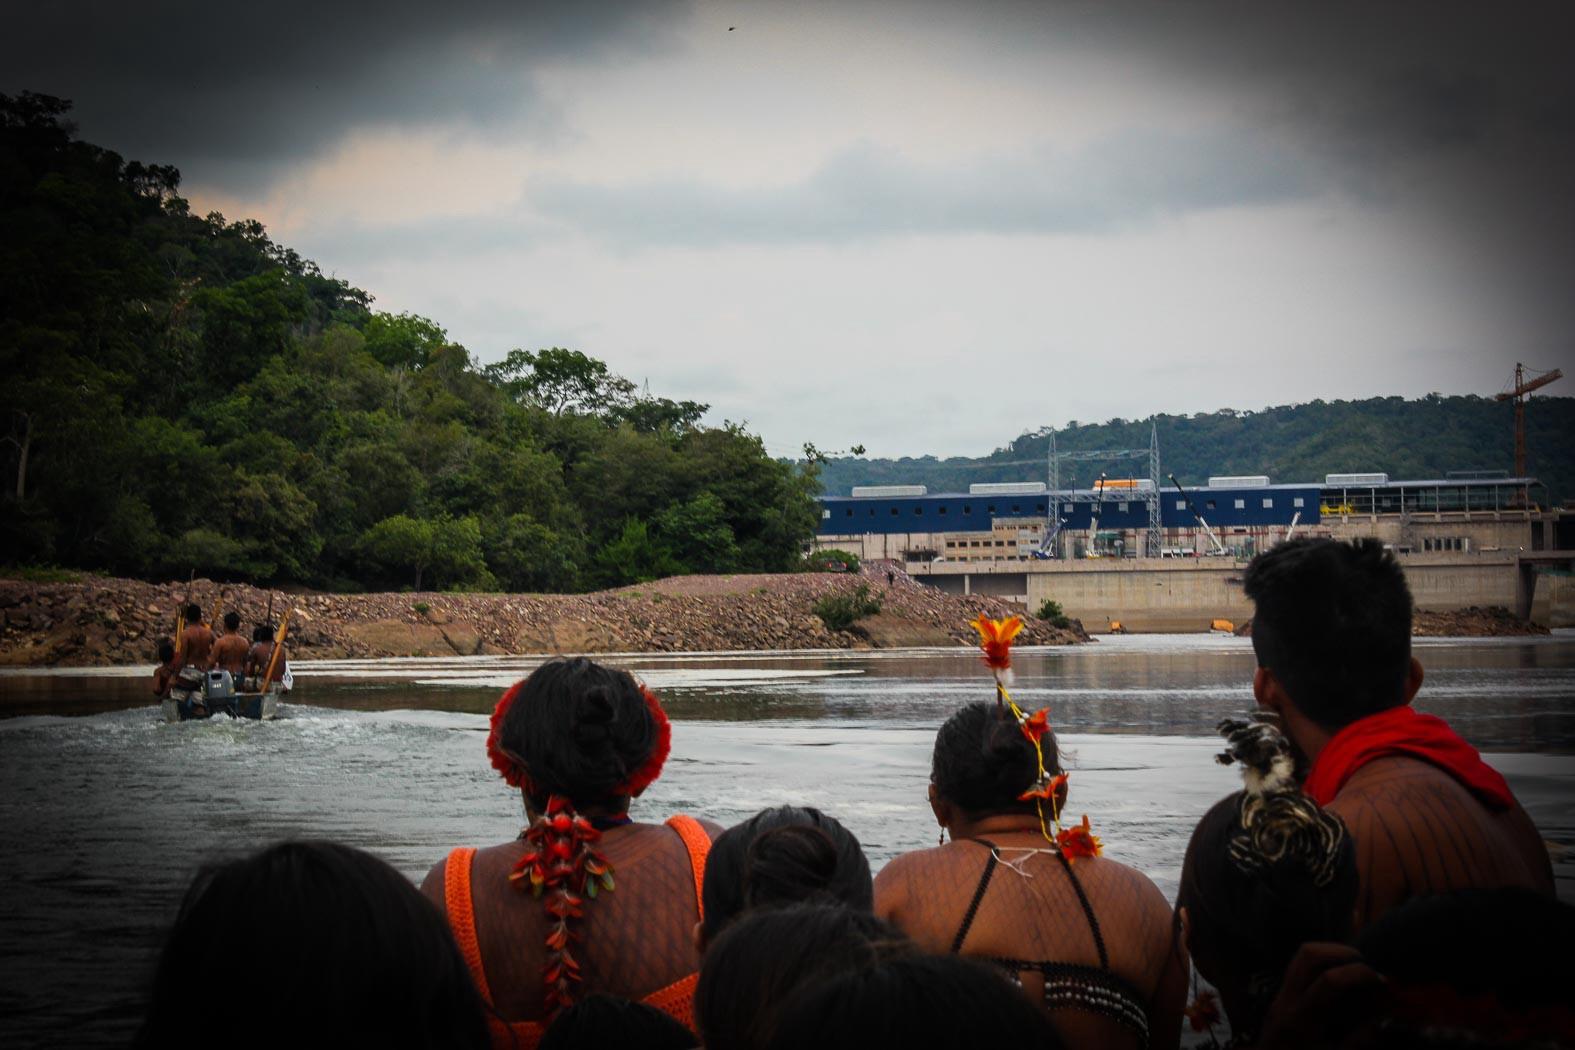 Justiça ambiental e barragens amazônicas: 7 – A erosão do licenciamento ambiental